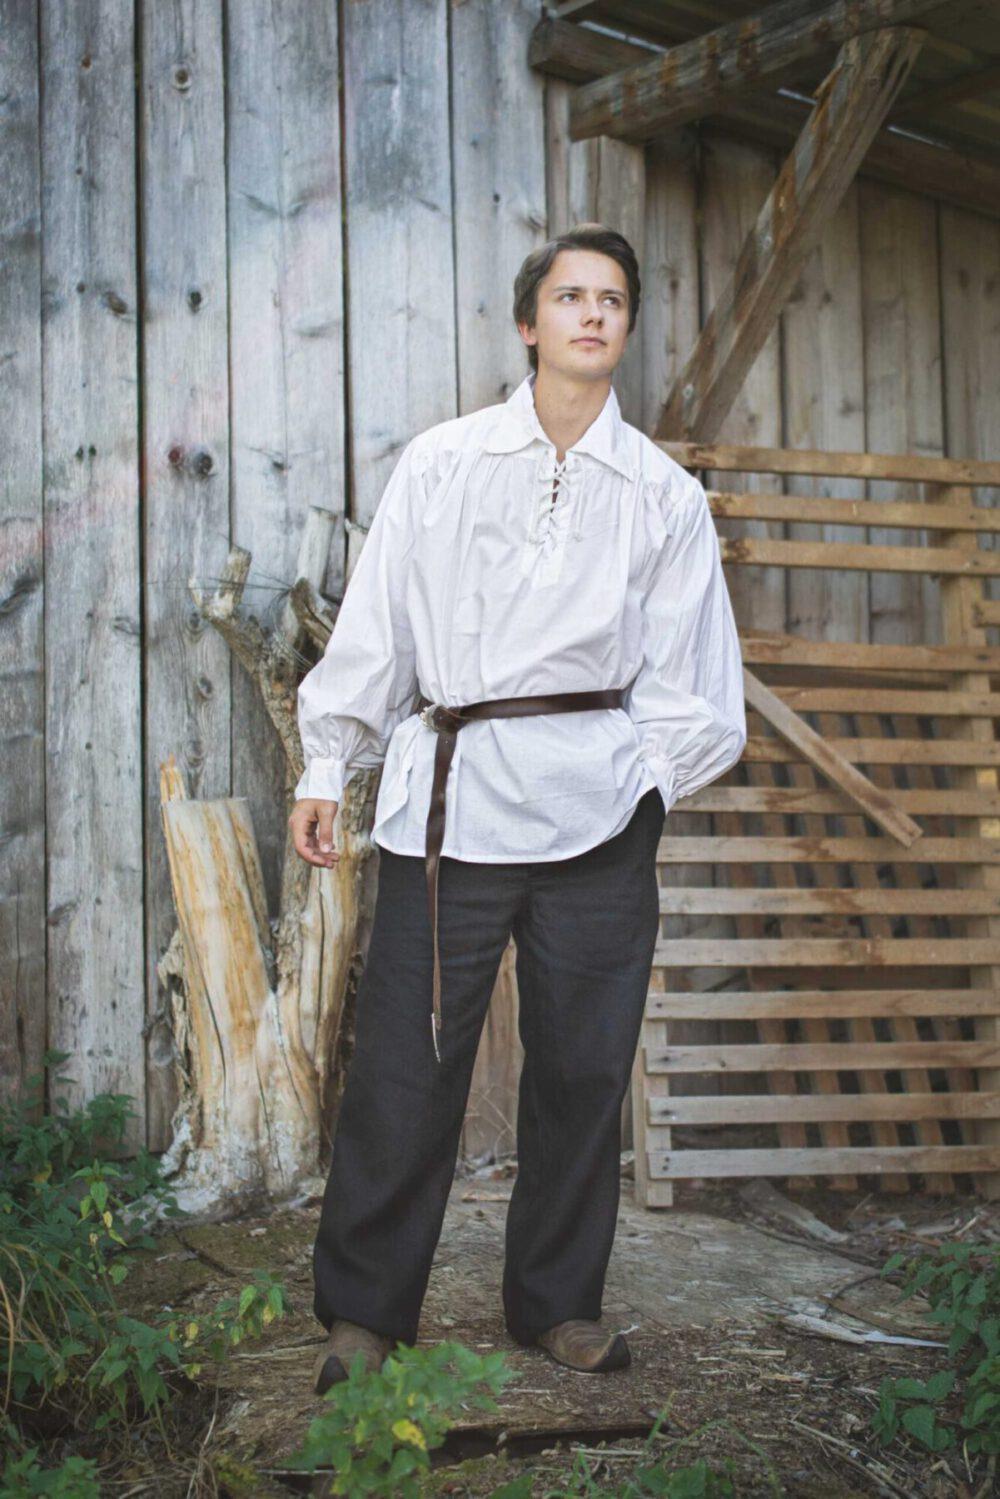 Renaissancehemd / Piratenhemd mit spitzem Kragen Modell Erol